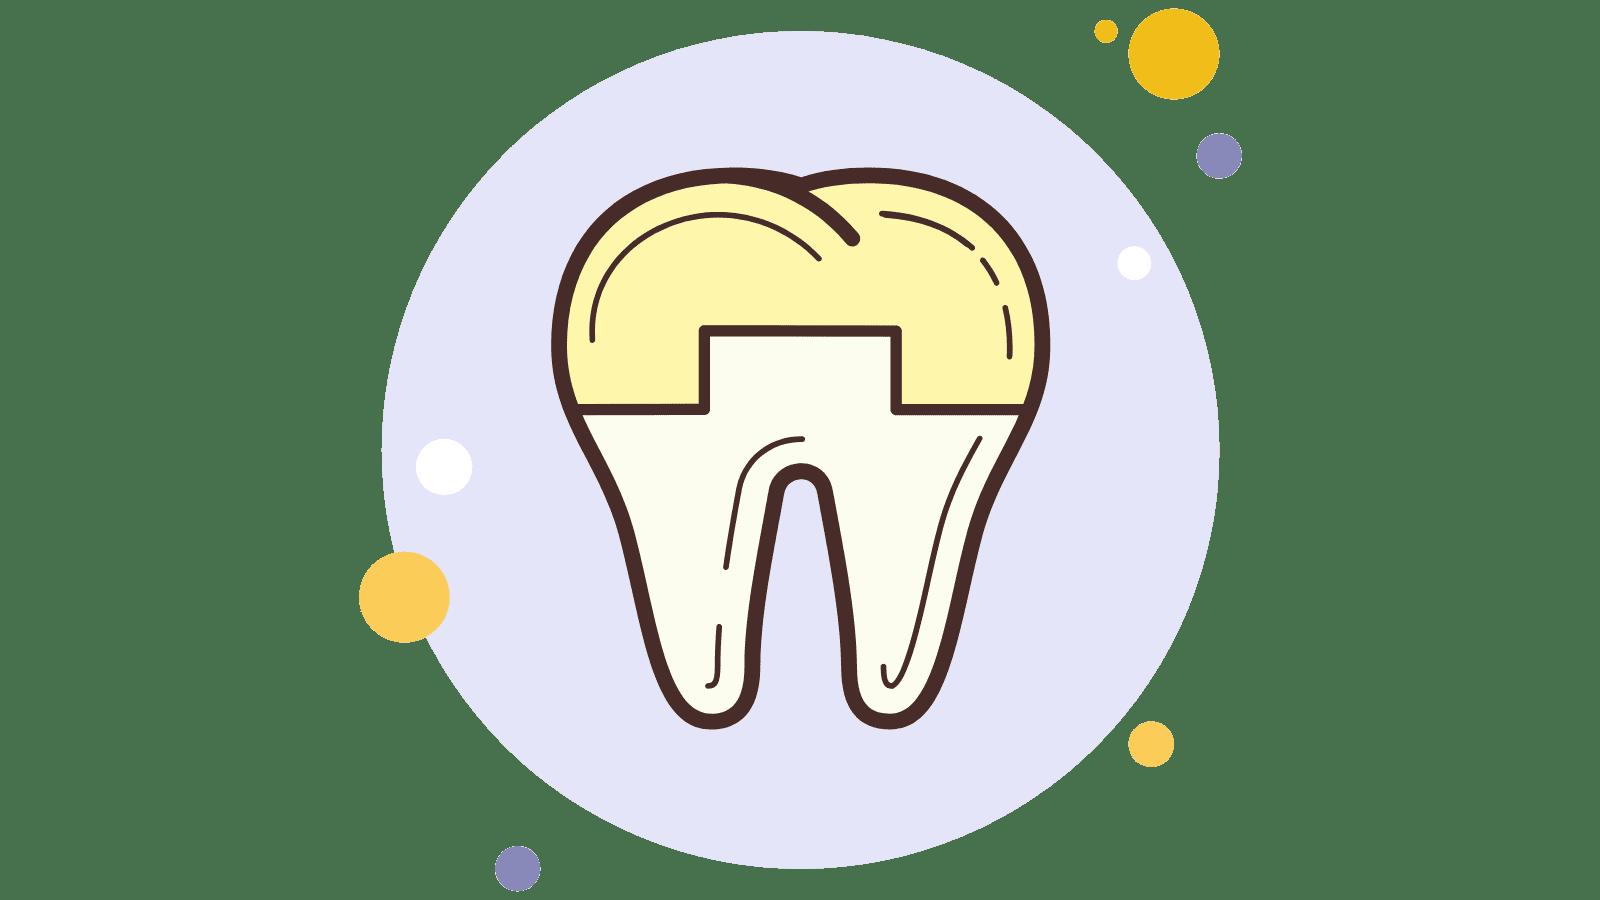 dental crown clipart